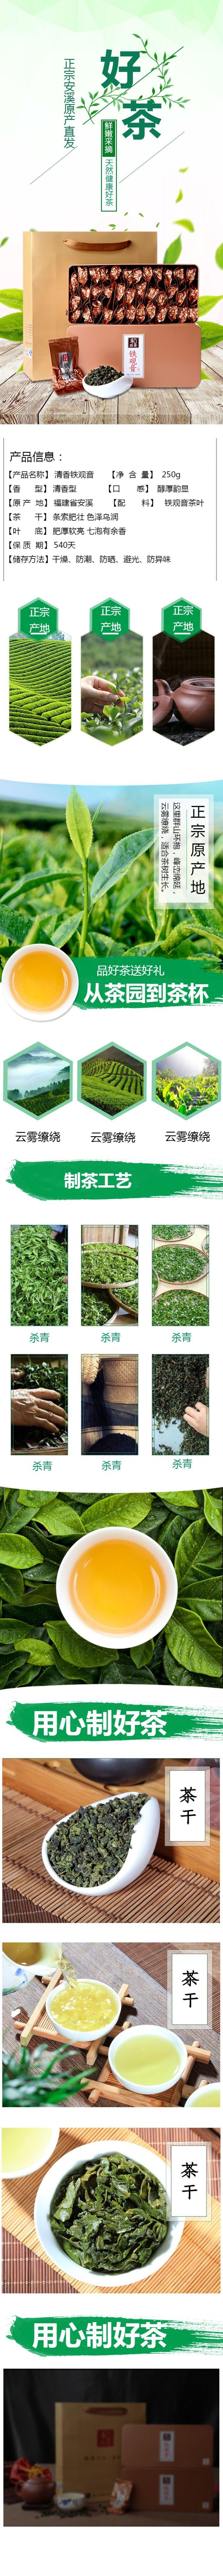 绿色清新安溪茶叶电商详情图